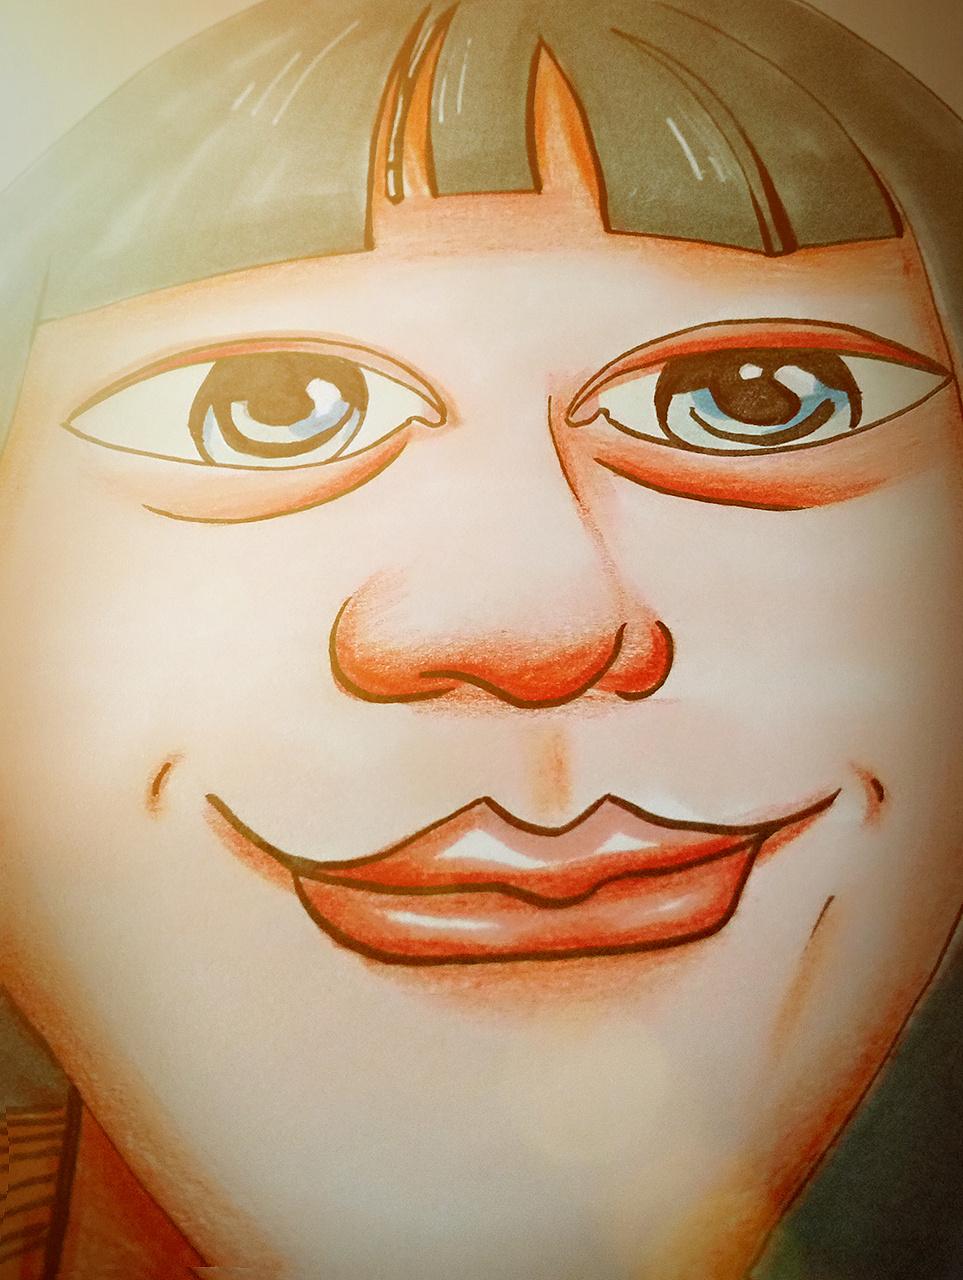 原创马克笔手绘头像 彩铅